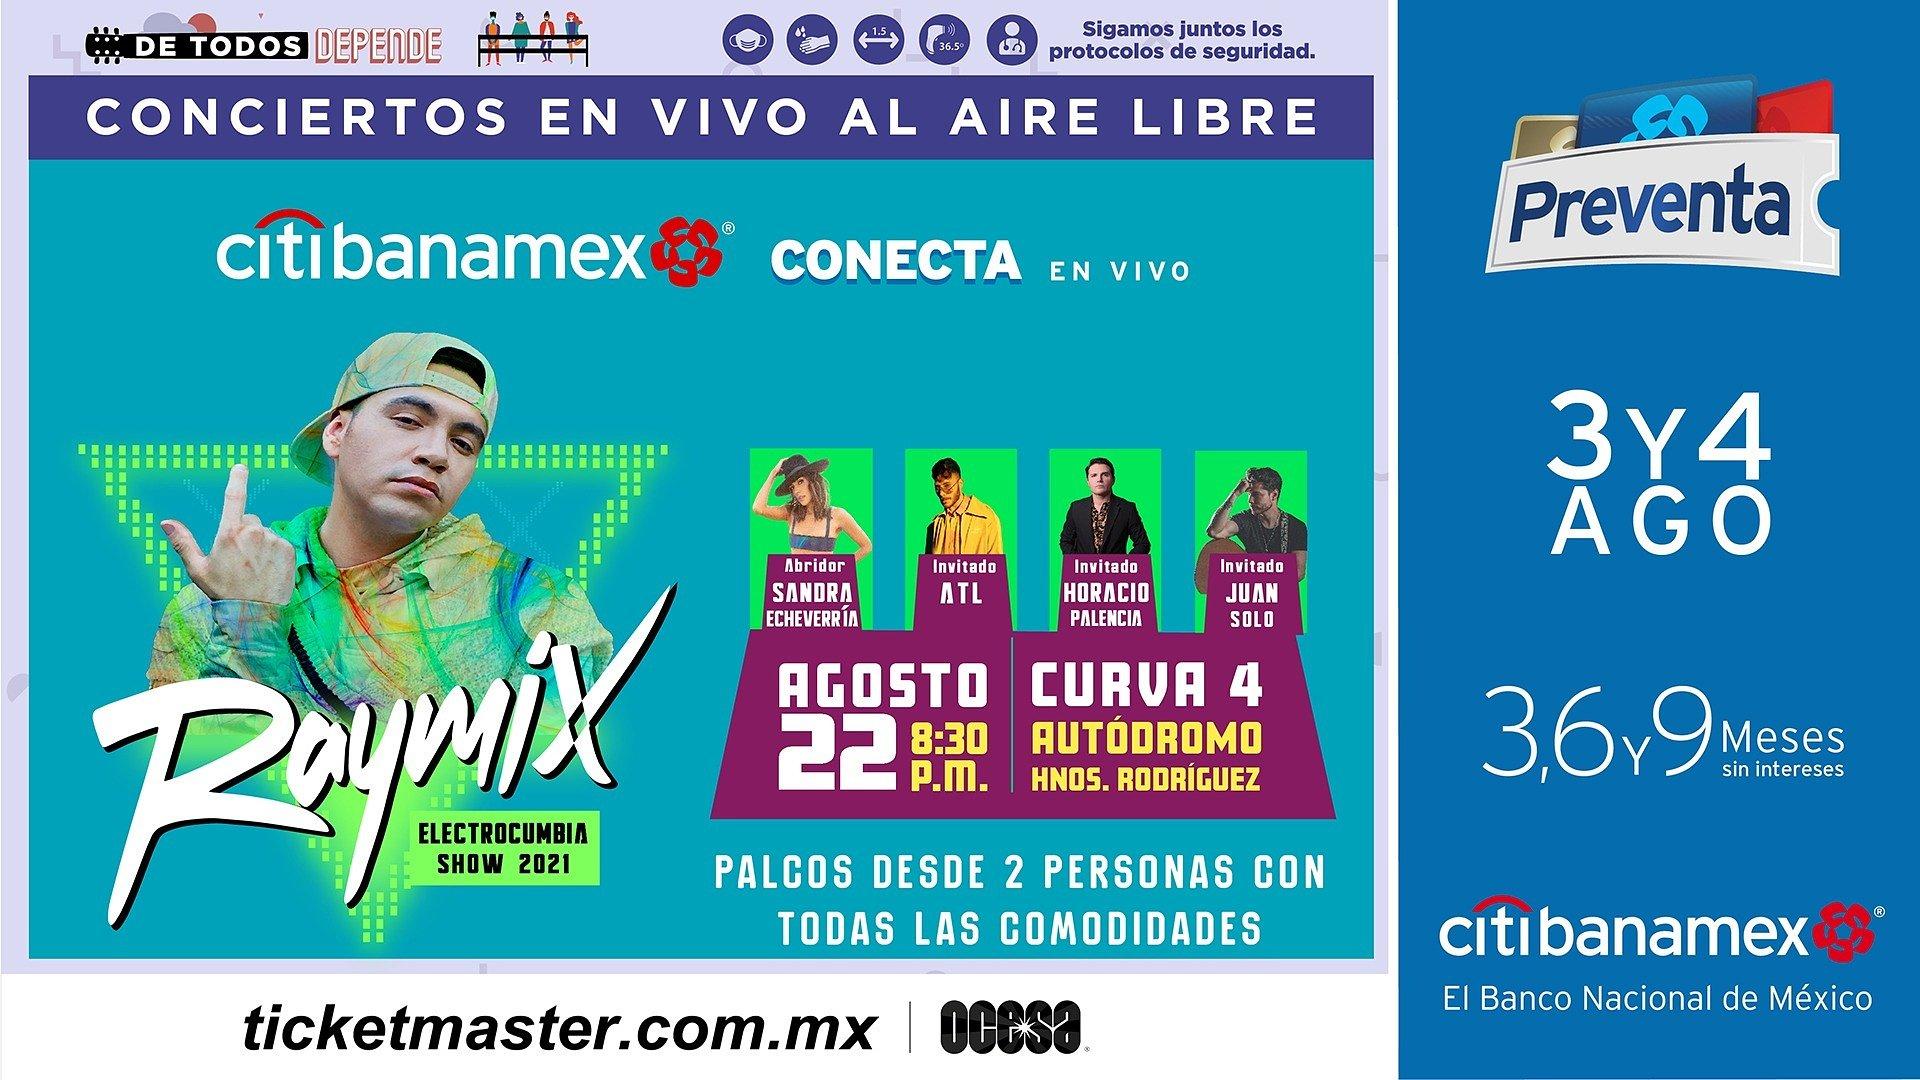 Fiesta y baile con la electrocumbia de Raymix en la CDMX